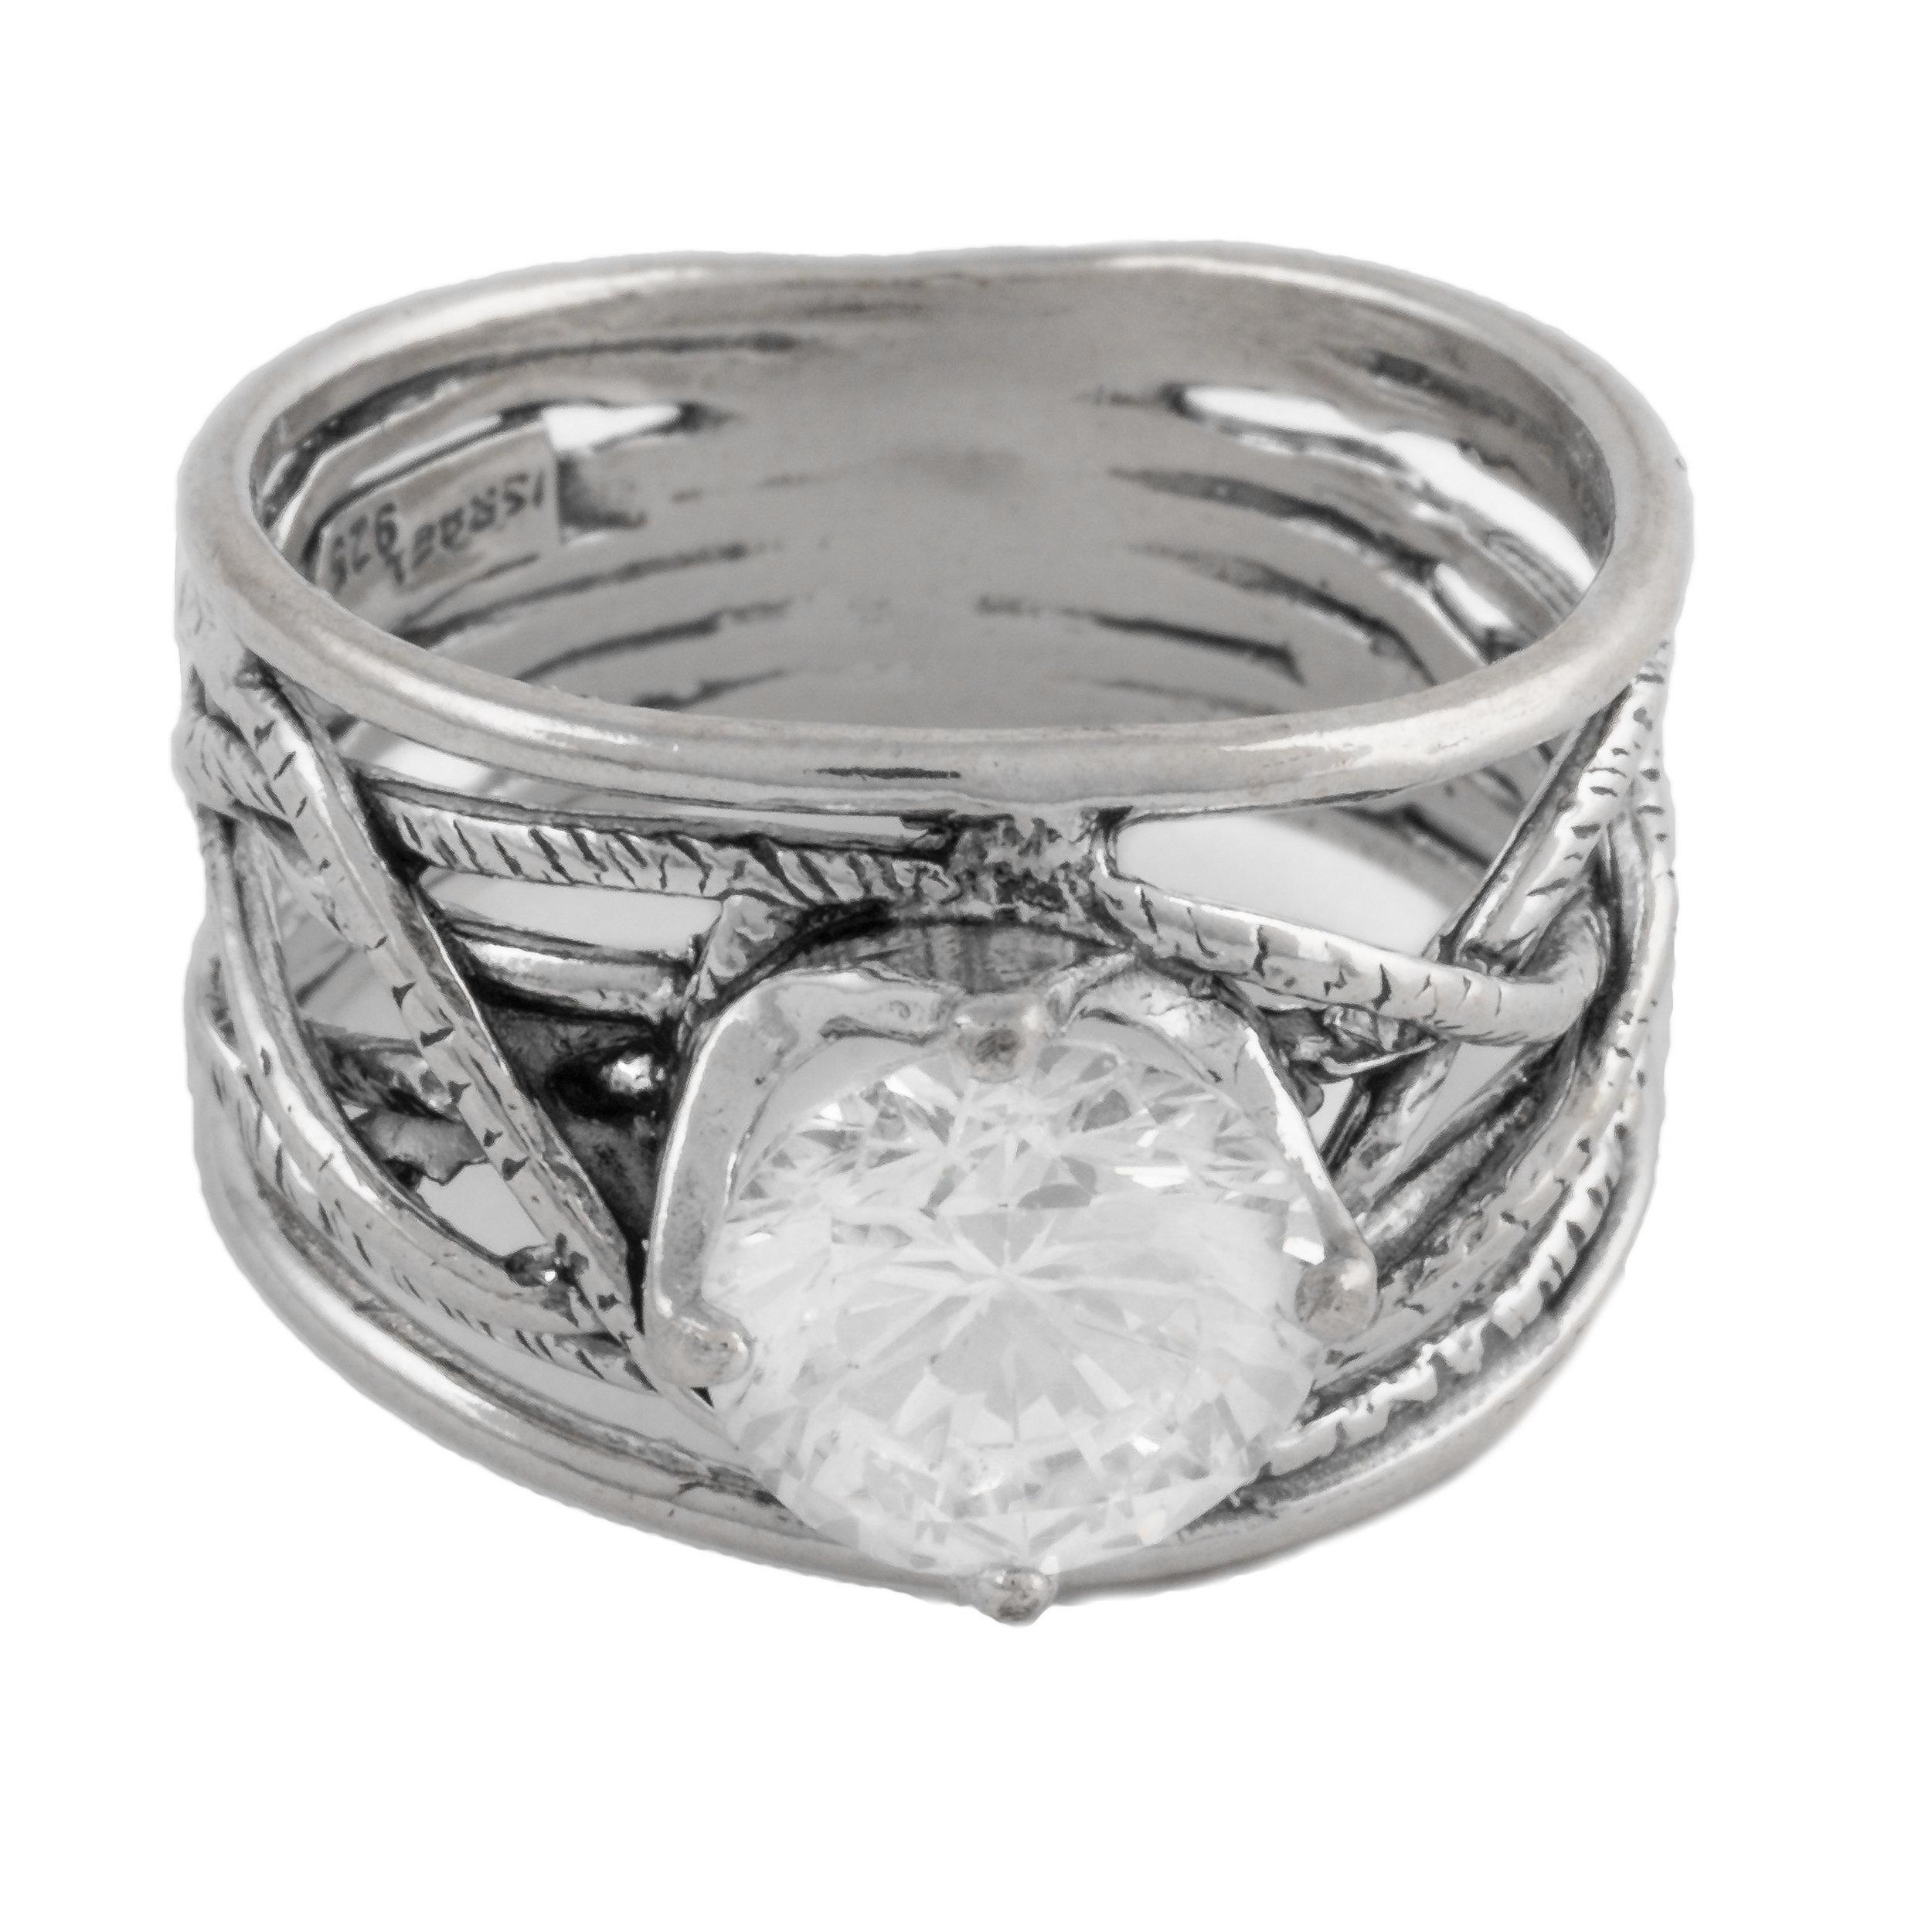 Rings - 12165 (1 of 1)-Edit.jpg